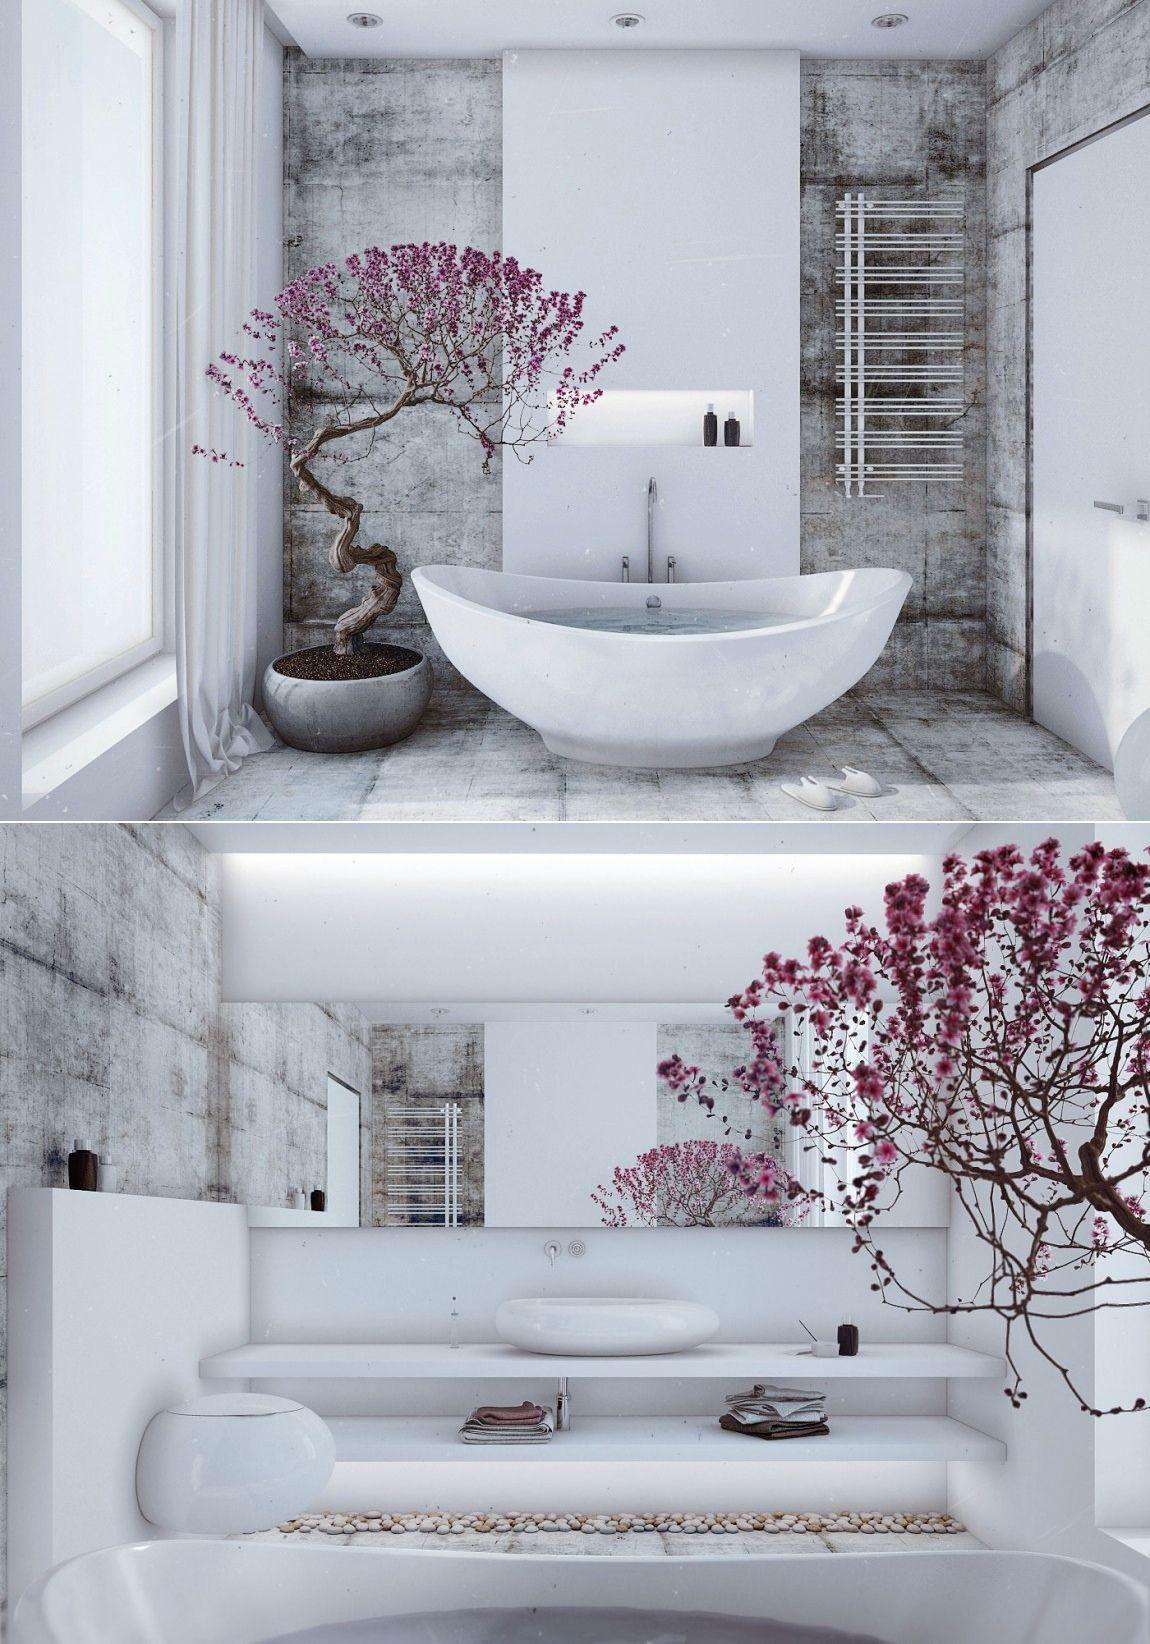 Best Kitchen Gallery: 25 Peaceful Zen Bathroom Design Ideas Zen Bathroom Design Zen of Zen Bathroom Designs  on rachelxblog.com